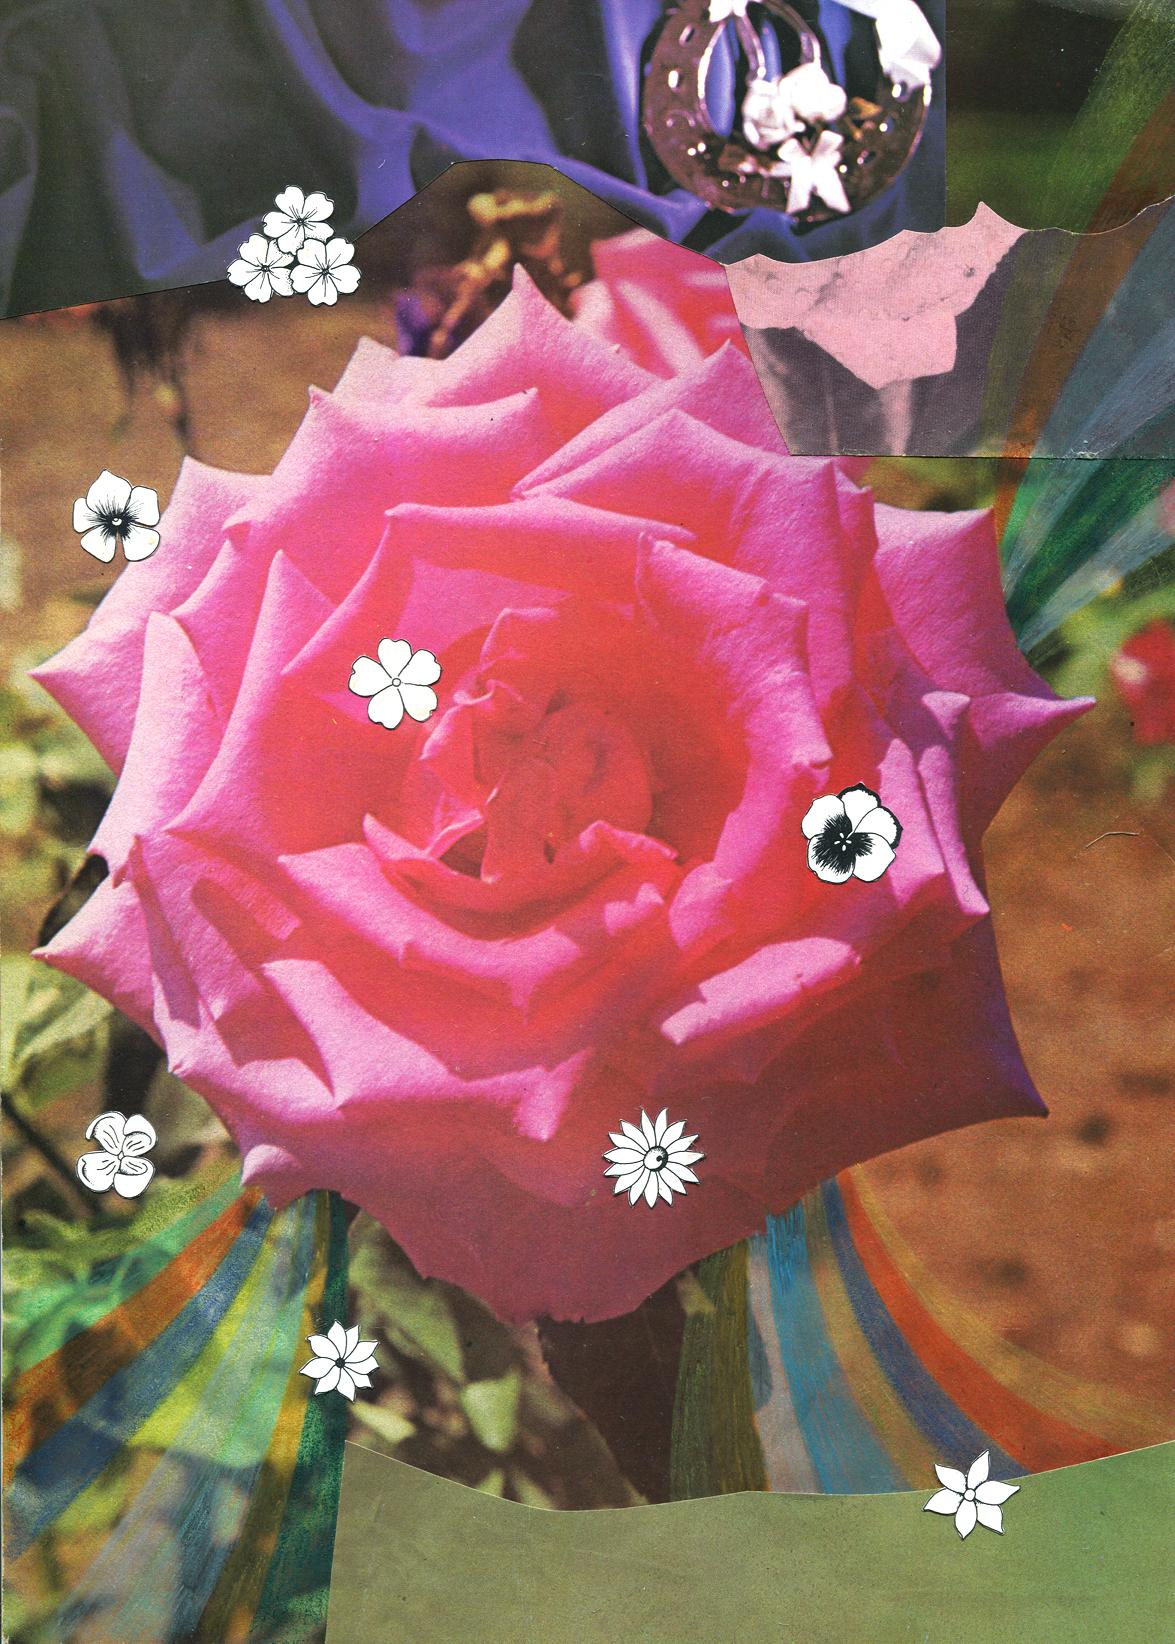 Rainbow Rose Garden #1, collage, found paper, pencil